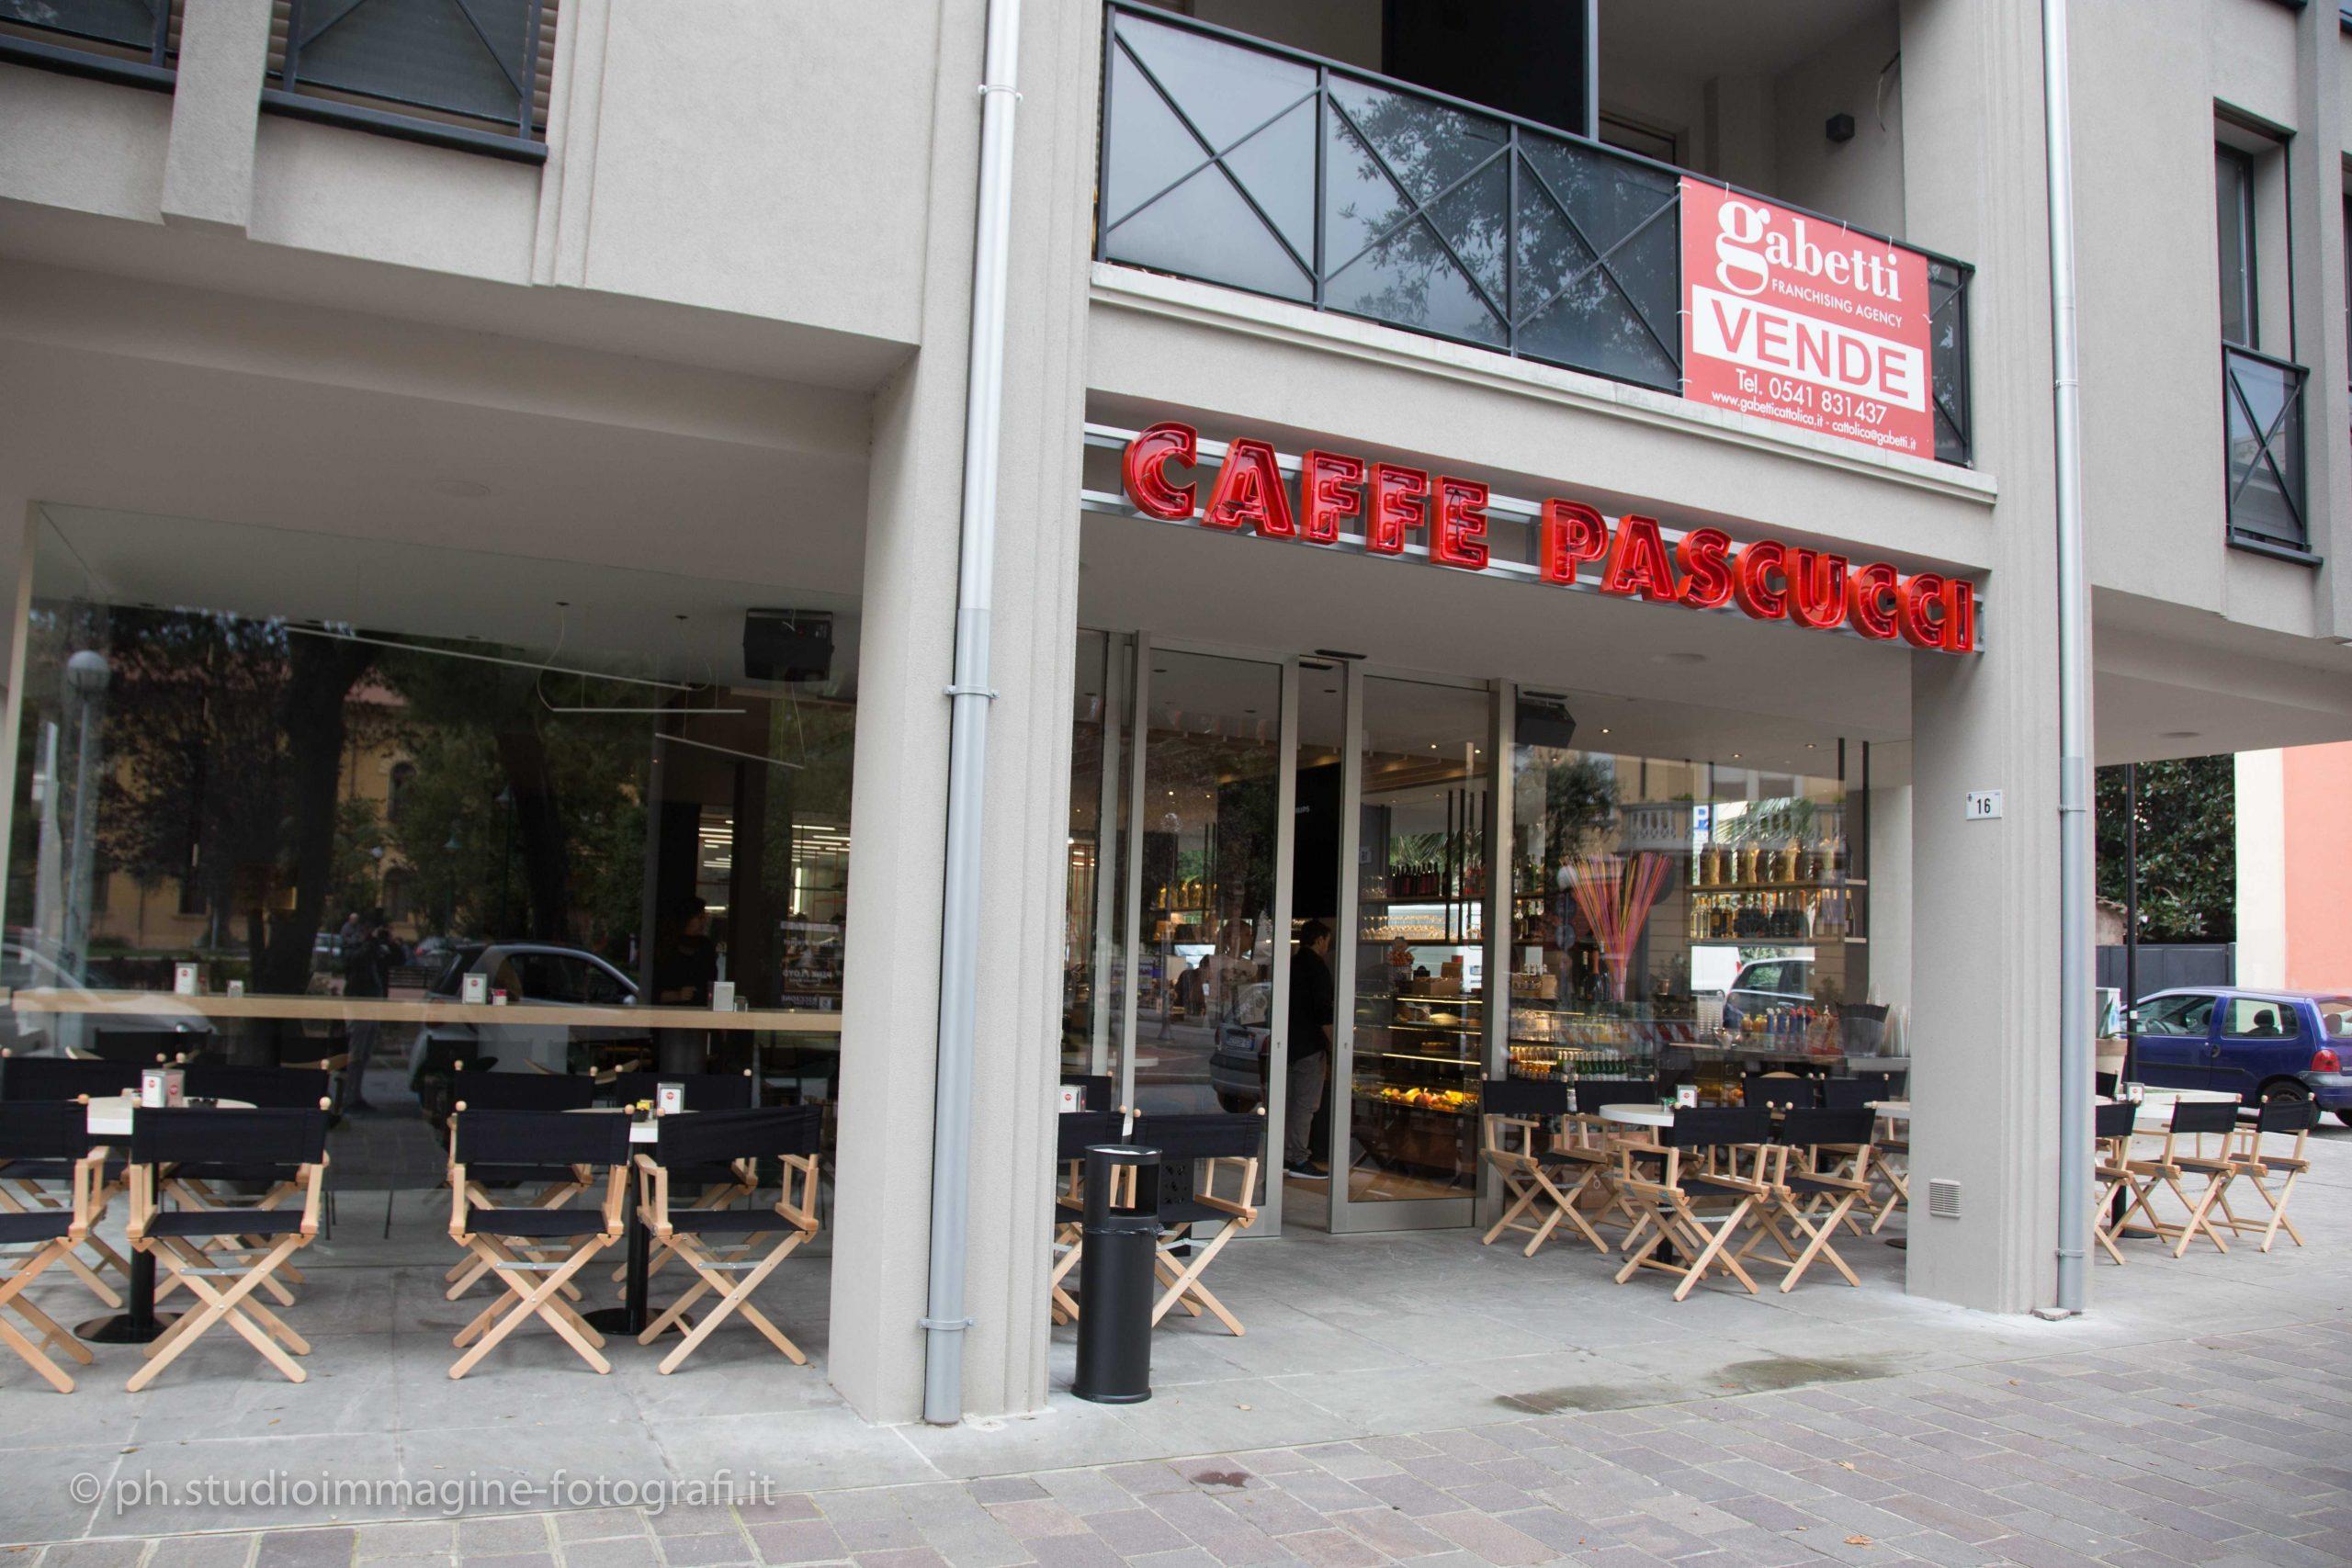 Caffè Pascucci Shop Cattolica 006